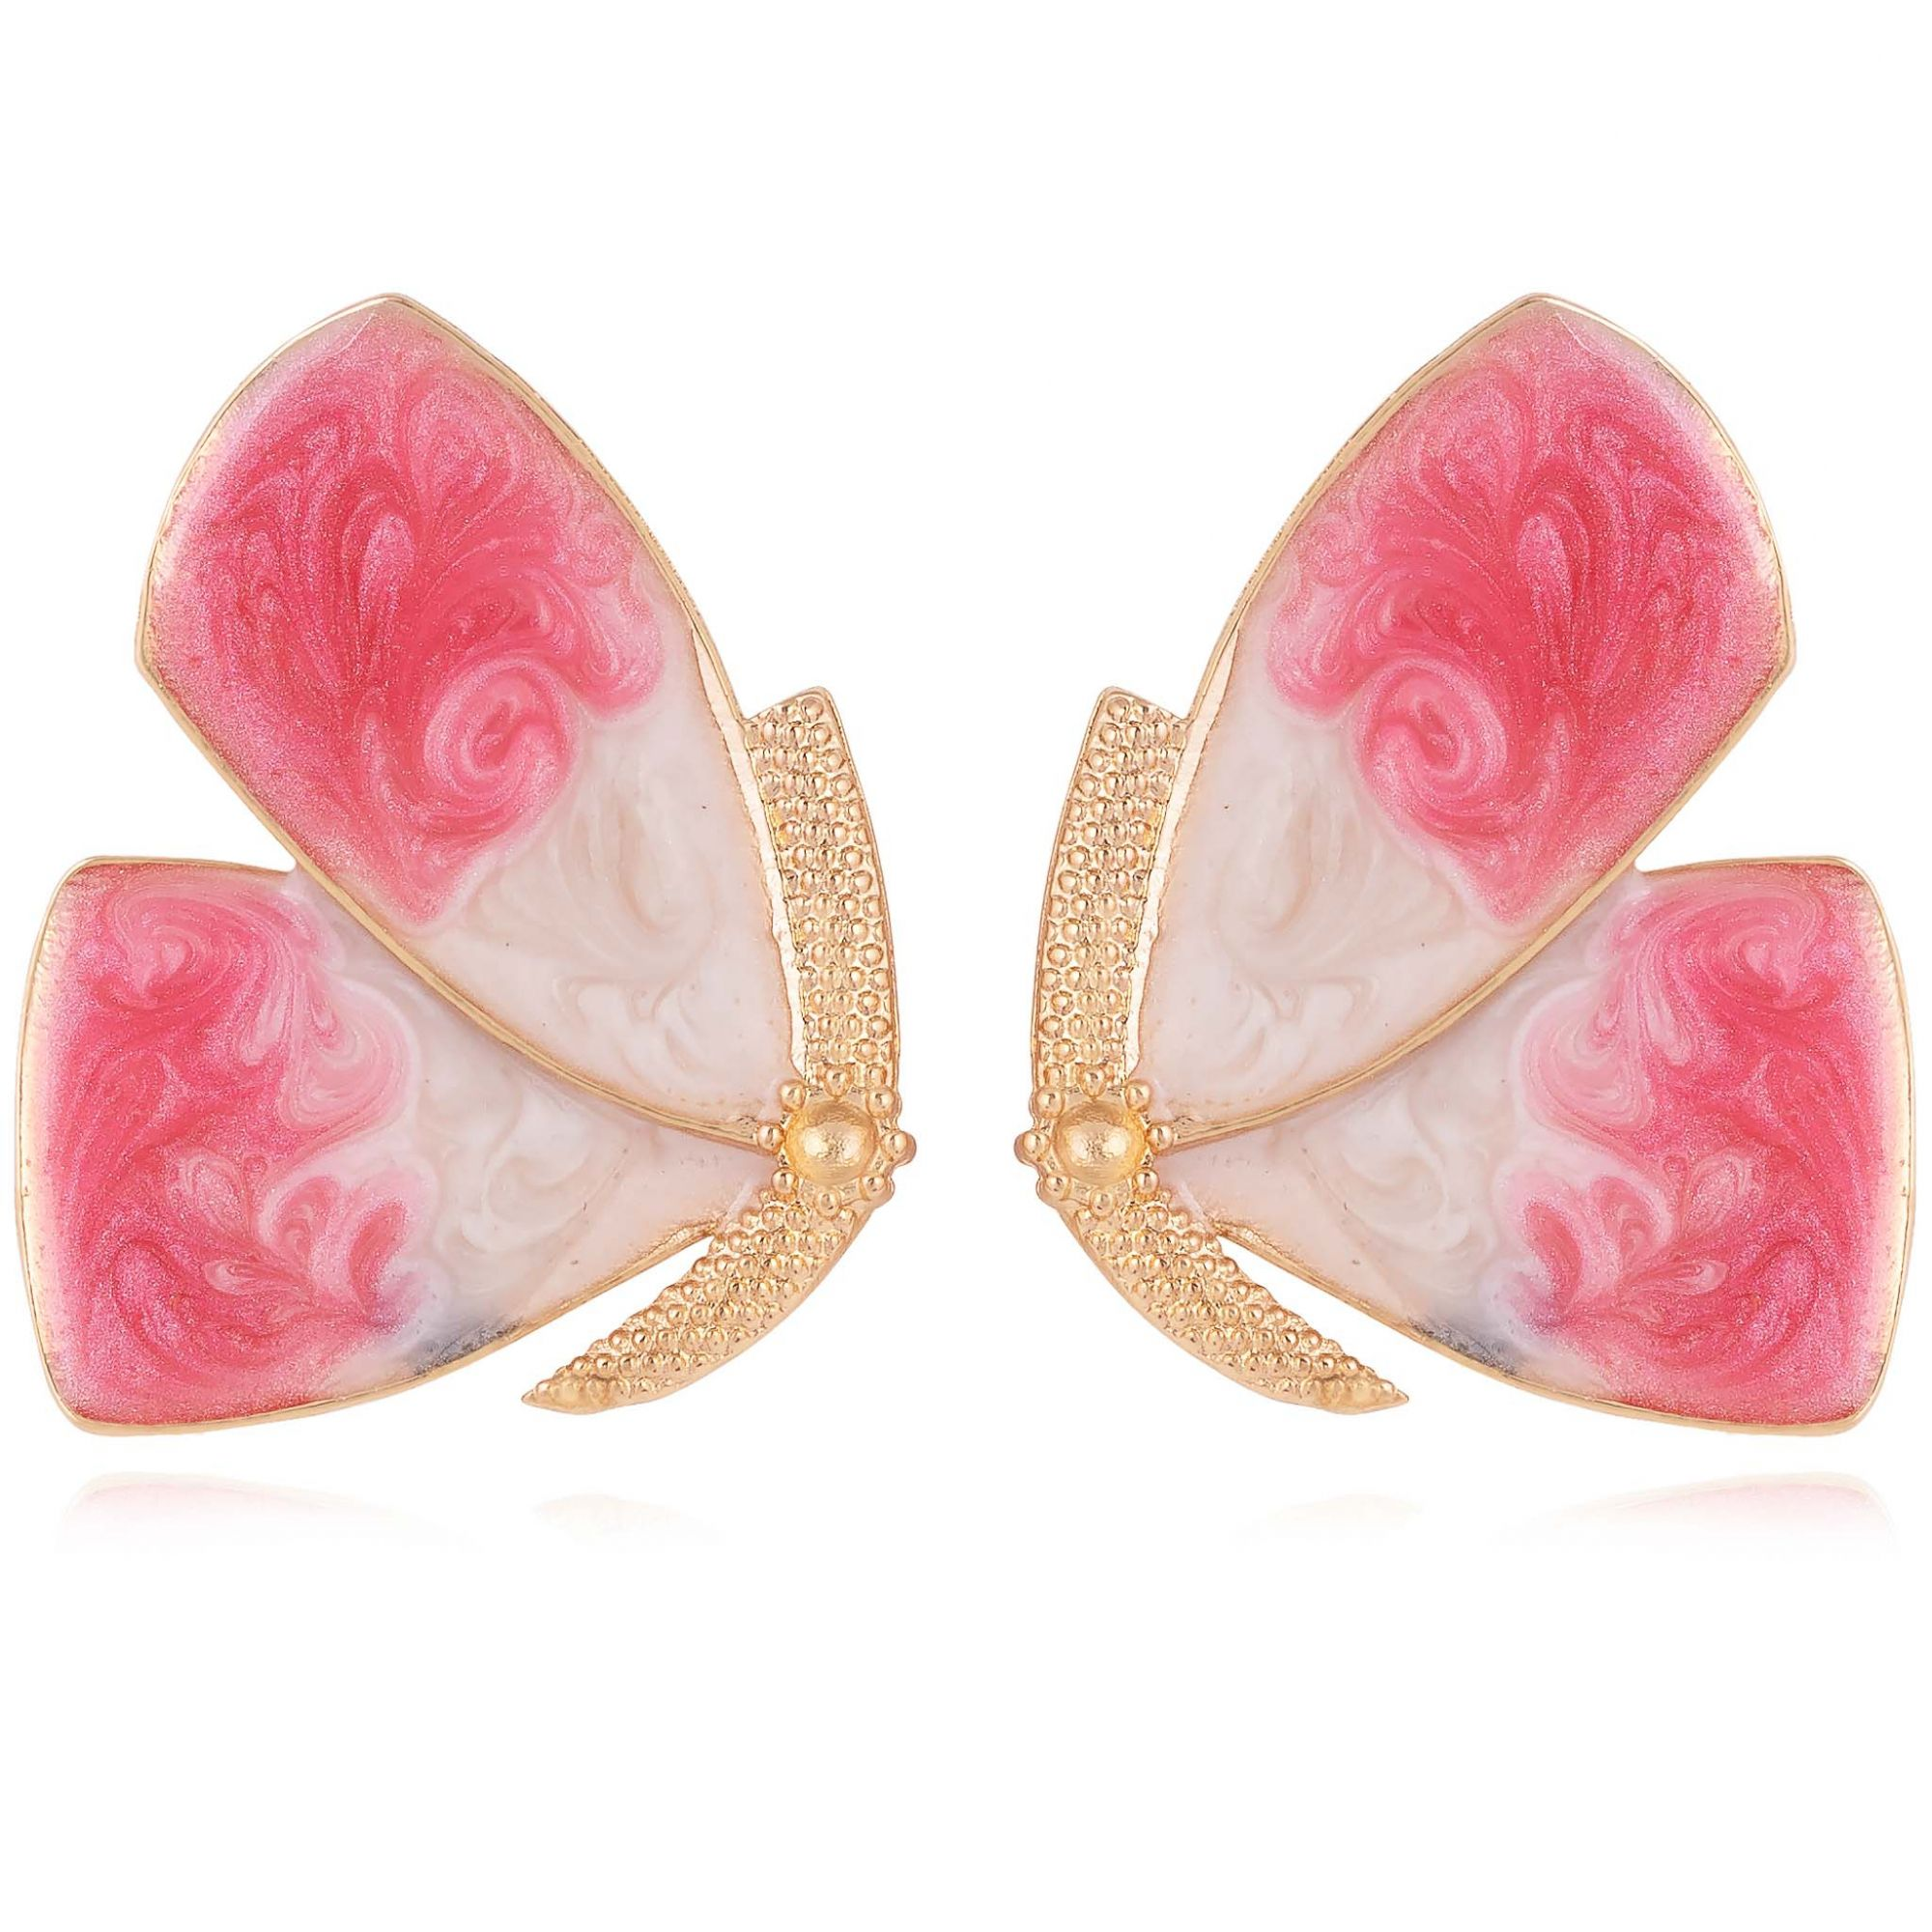 Brinco borboleta banhado a ouro 18k resinado em tons de rosa.  - romabrazil.com.br